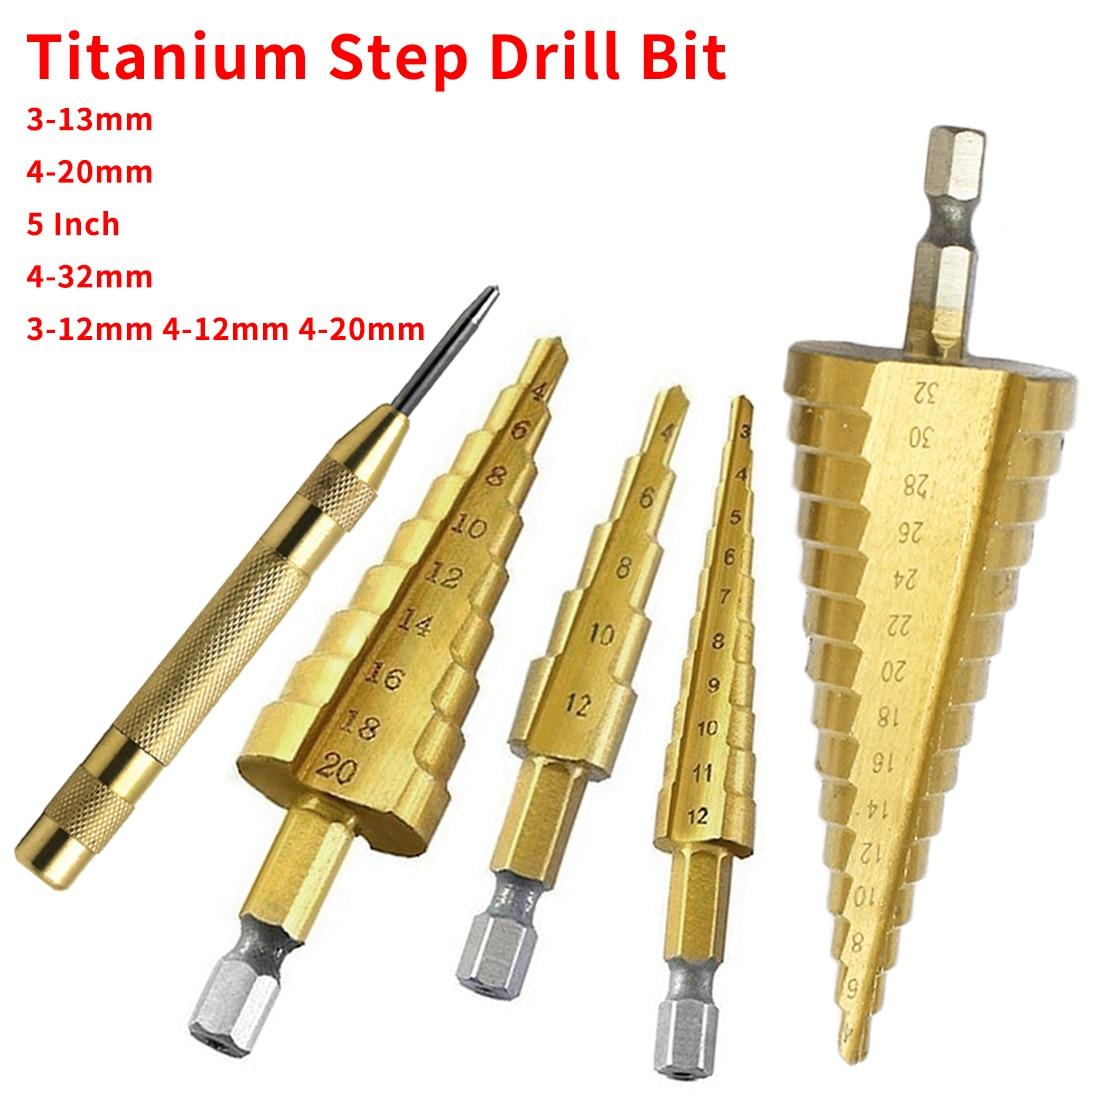 HSS Stahl Titan Schritt Bohrer 3-12mm 4-12mm 4-20mm Schritt Kegel cutt Werkzeuge Metall Bohrer Bit Set für Holzbearbeitung Holz